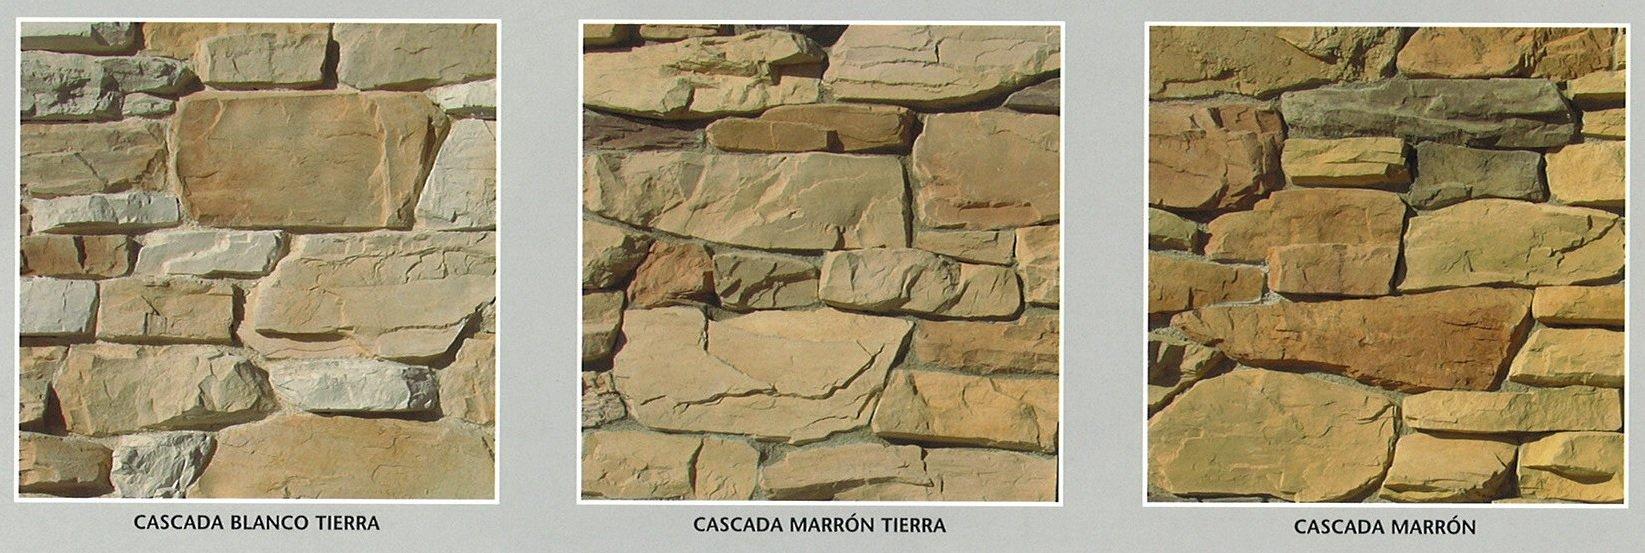 piedra cultivada cascada modelos